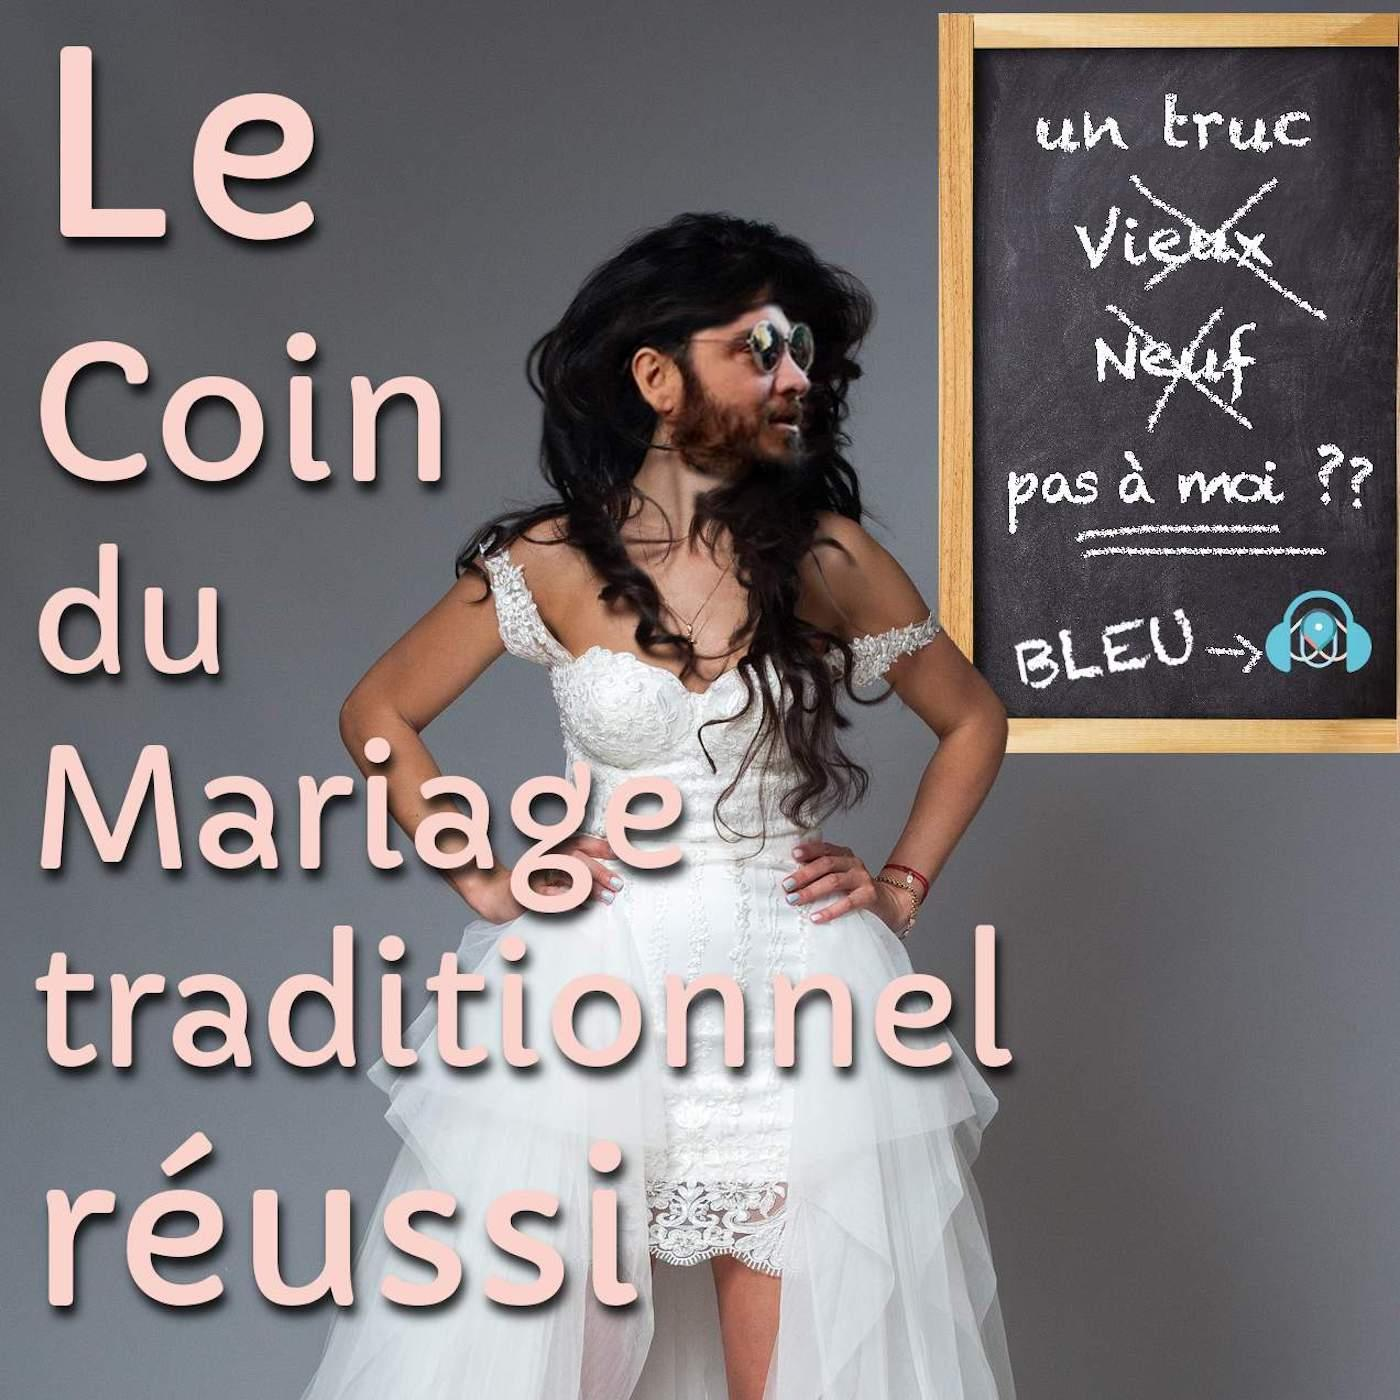 LE COIN DU MARIAGE TRADITIONNEL RÉUSSI S1E25 - Revolution